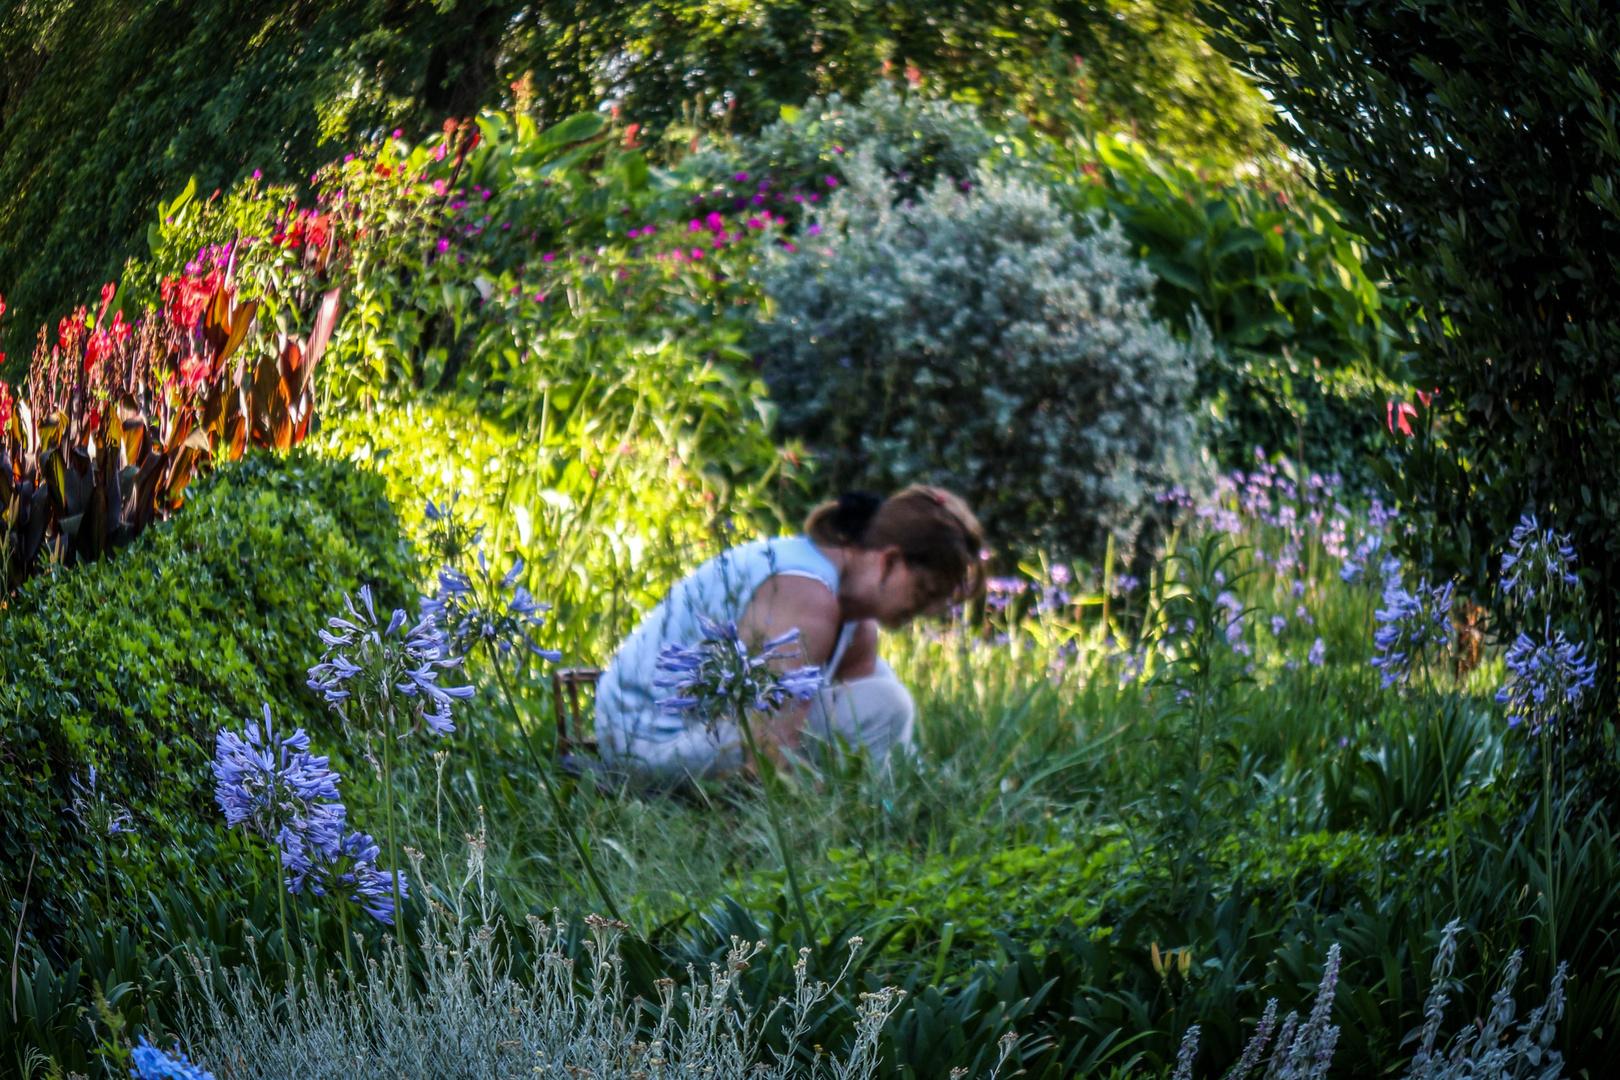 Jardinera en su jardín II